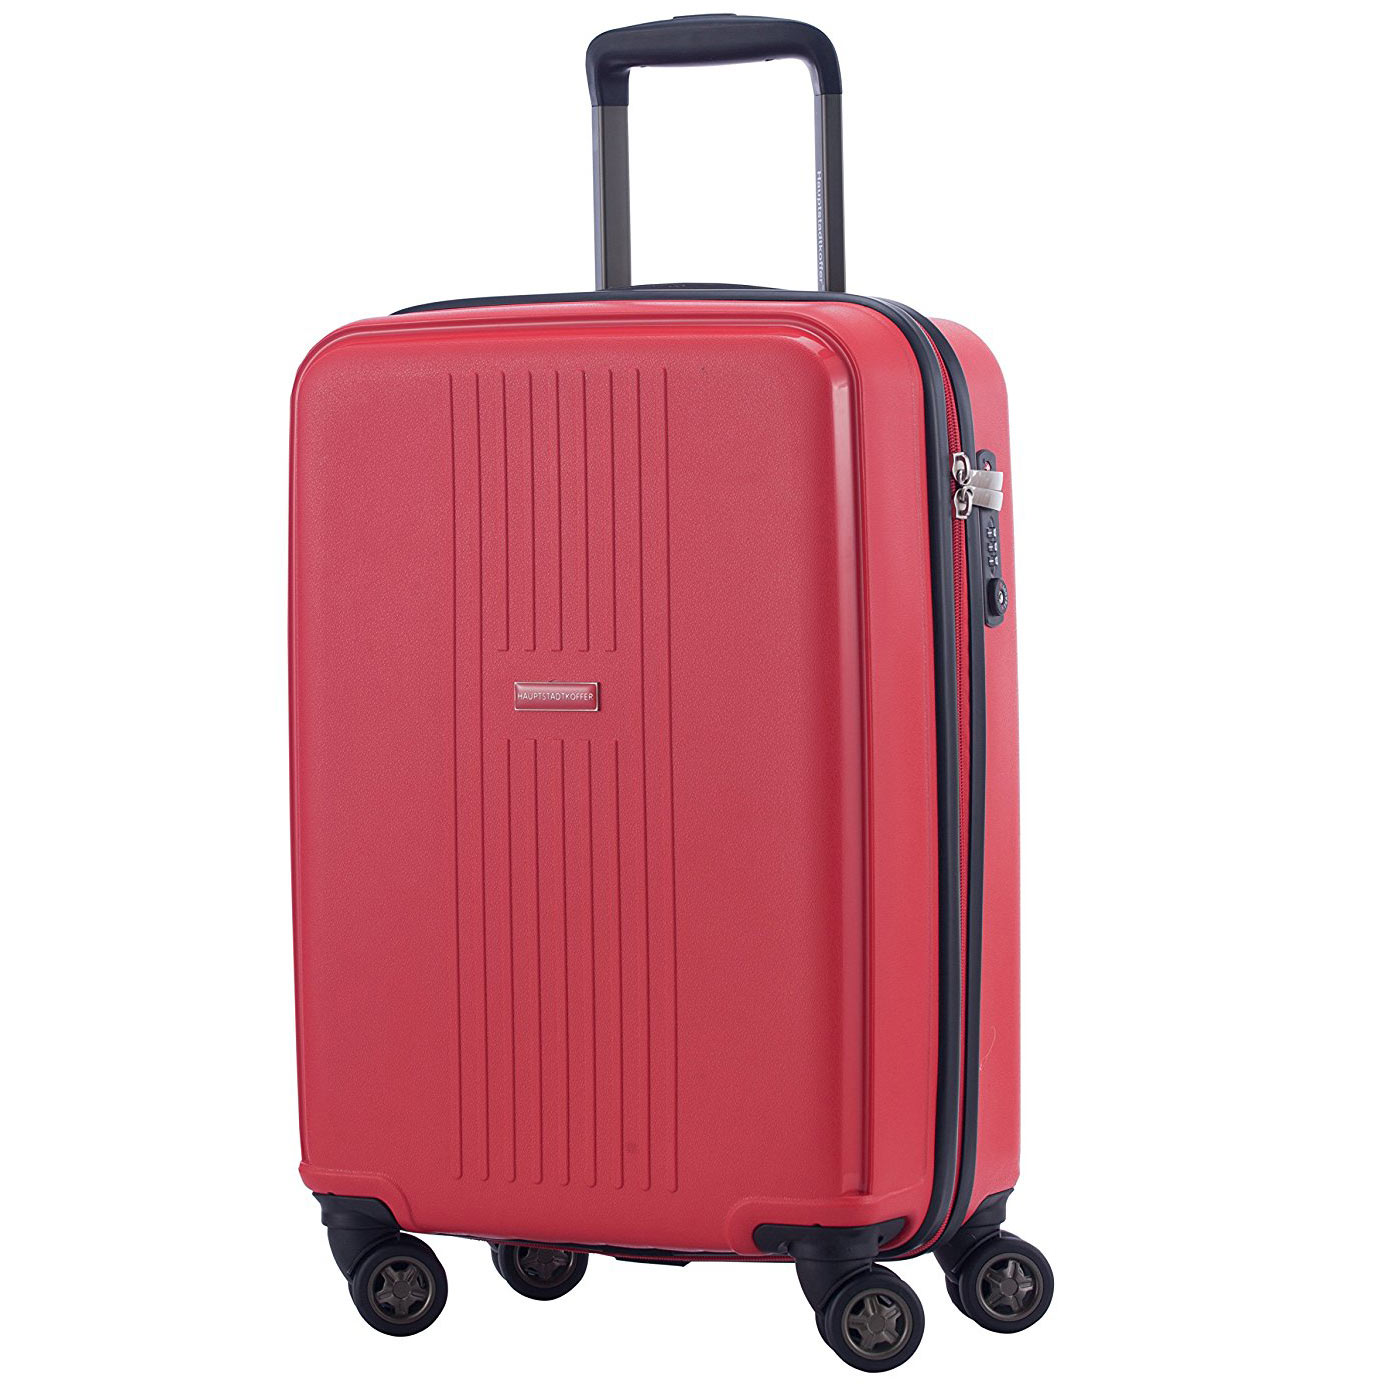 koffer set 2 x handgep ck kabinen koffer koffer set. Black Bedroom Furniture Sets. Home Design Ideas